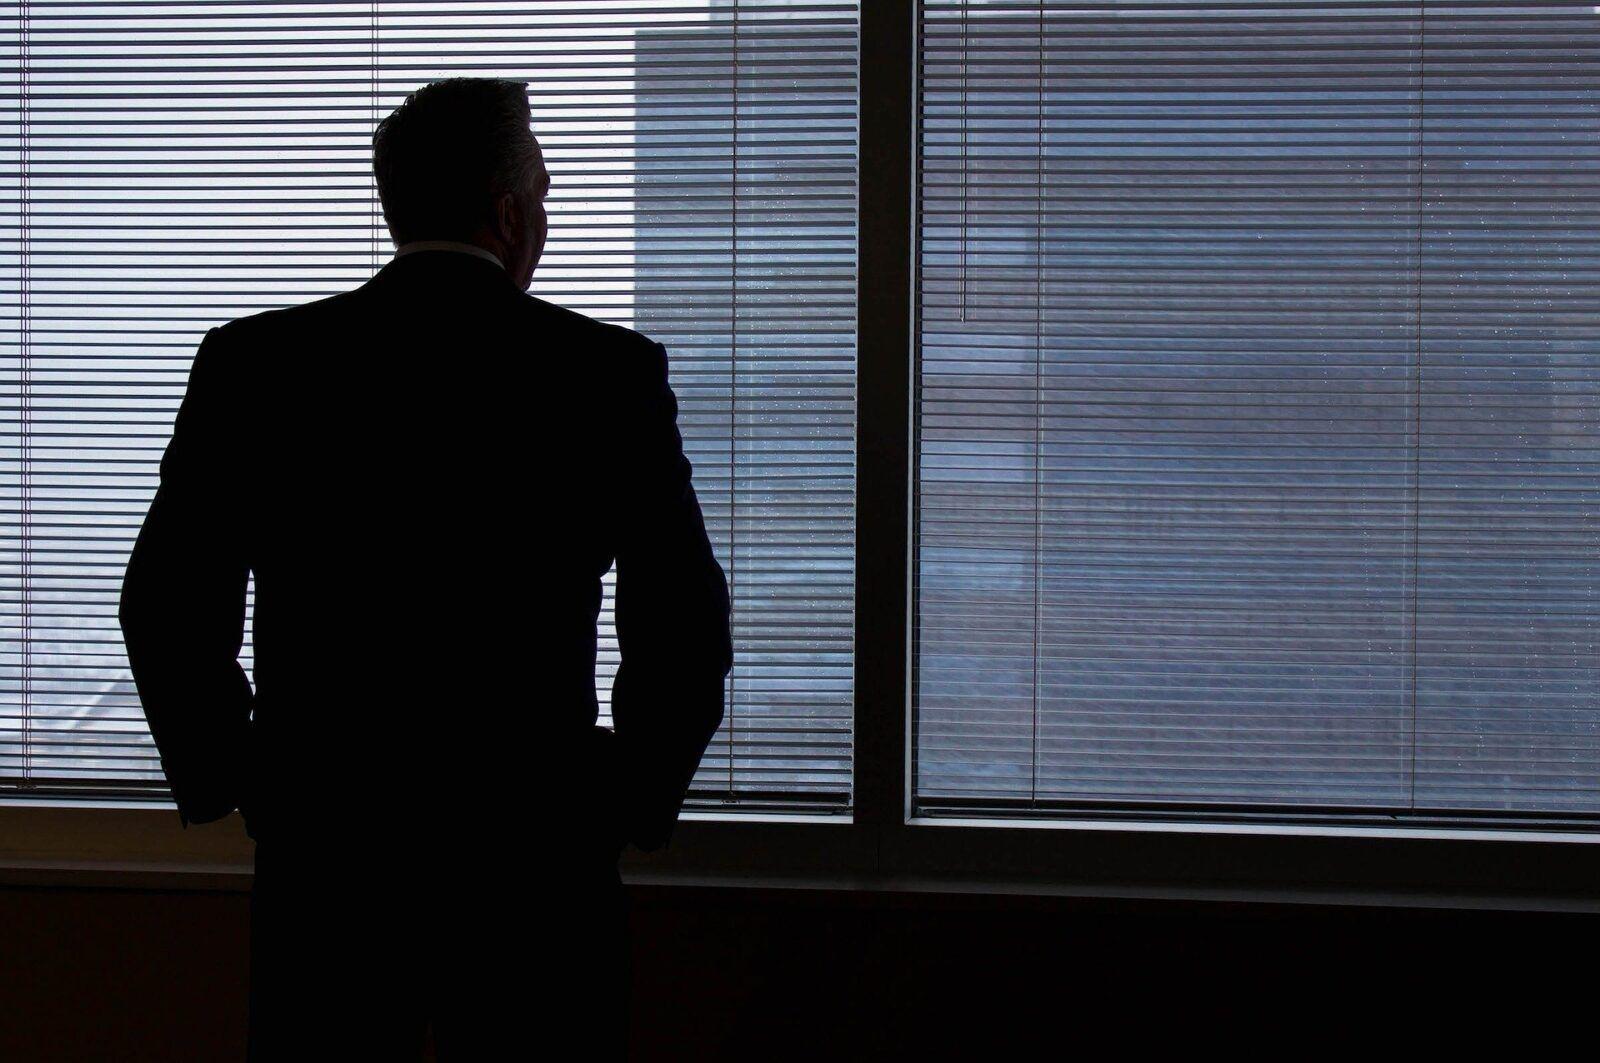 Spółka z o.o. spółka komandytowa – piękno nie zawsze tkwi w prostocie